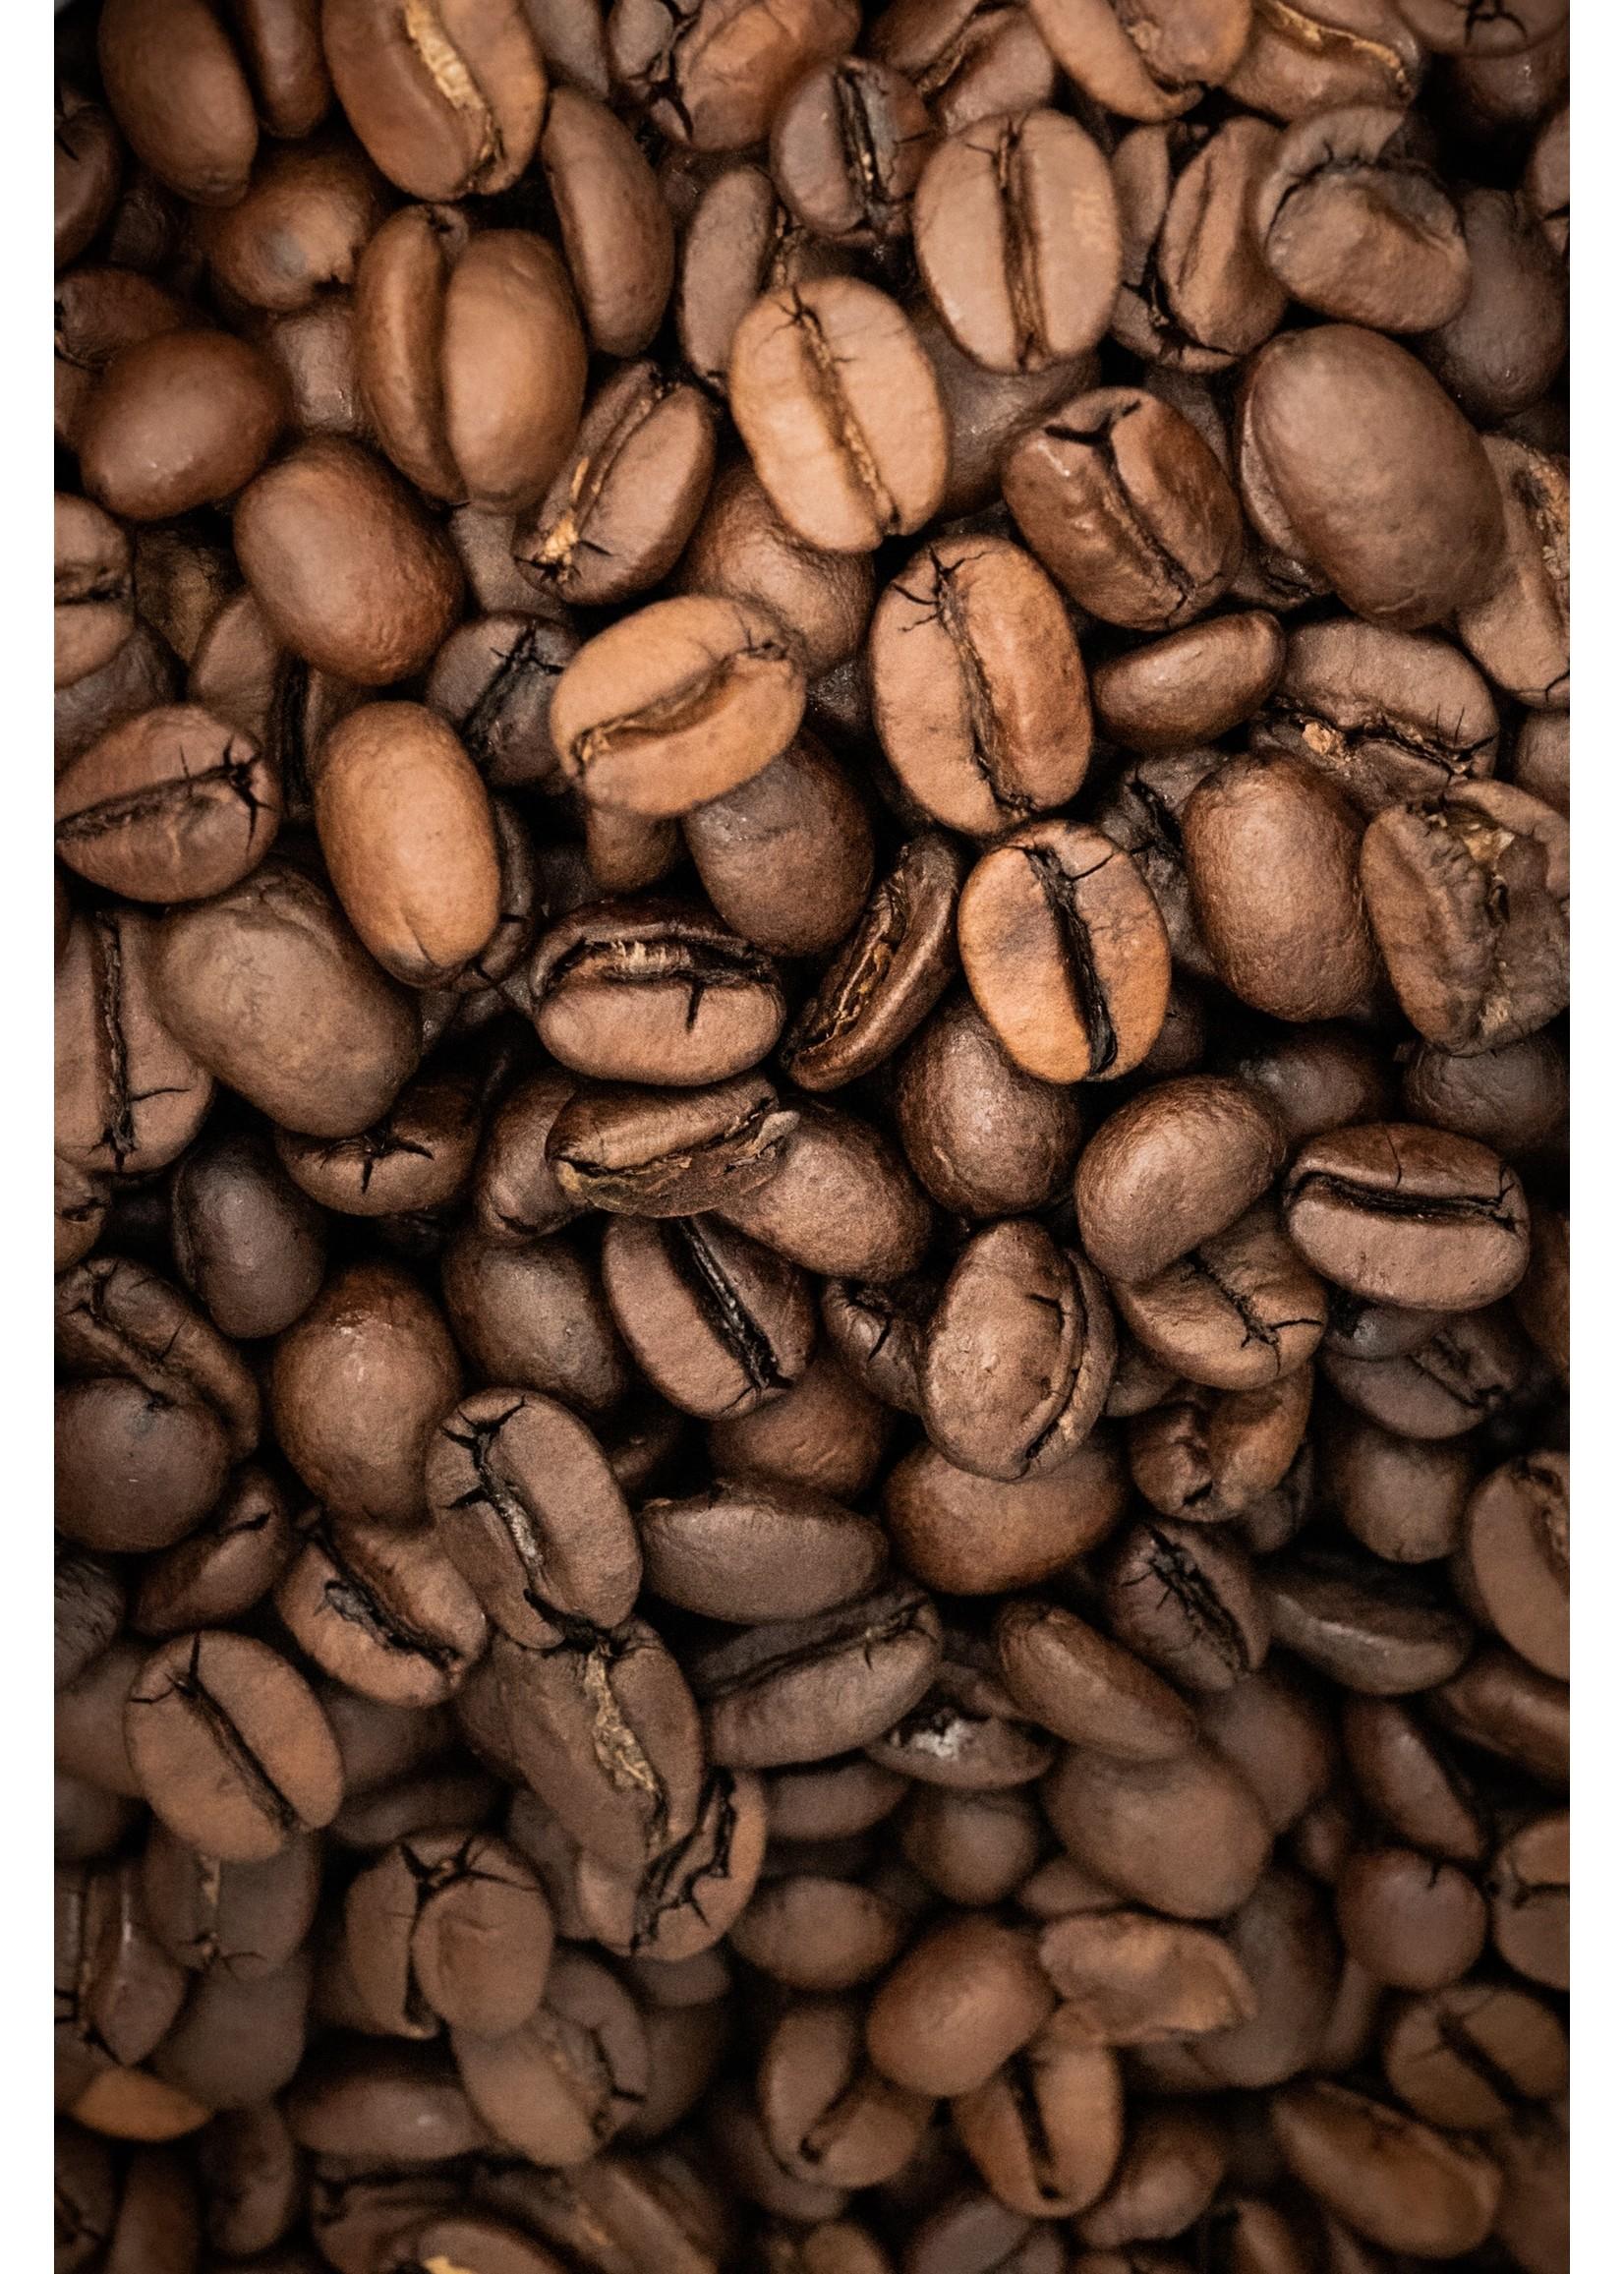 De KoffieMeulen Papua New Guinea Sigri